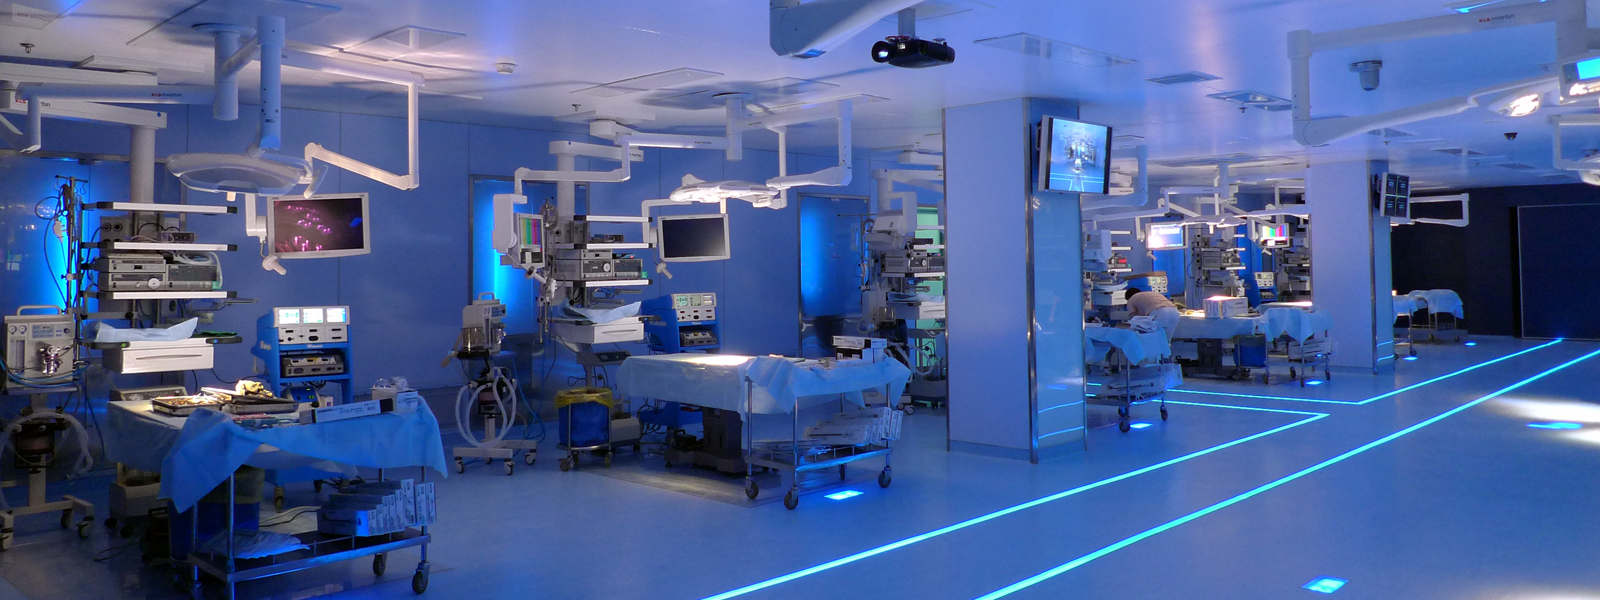 Утилизация медицинского оборудования